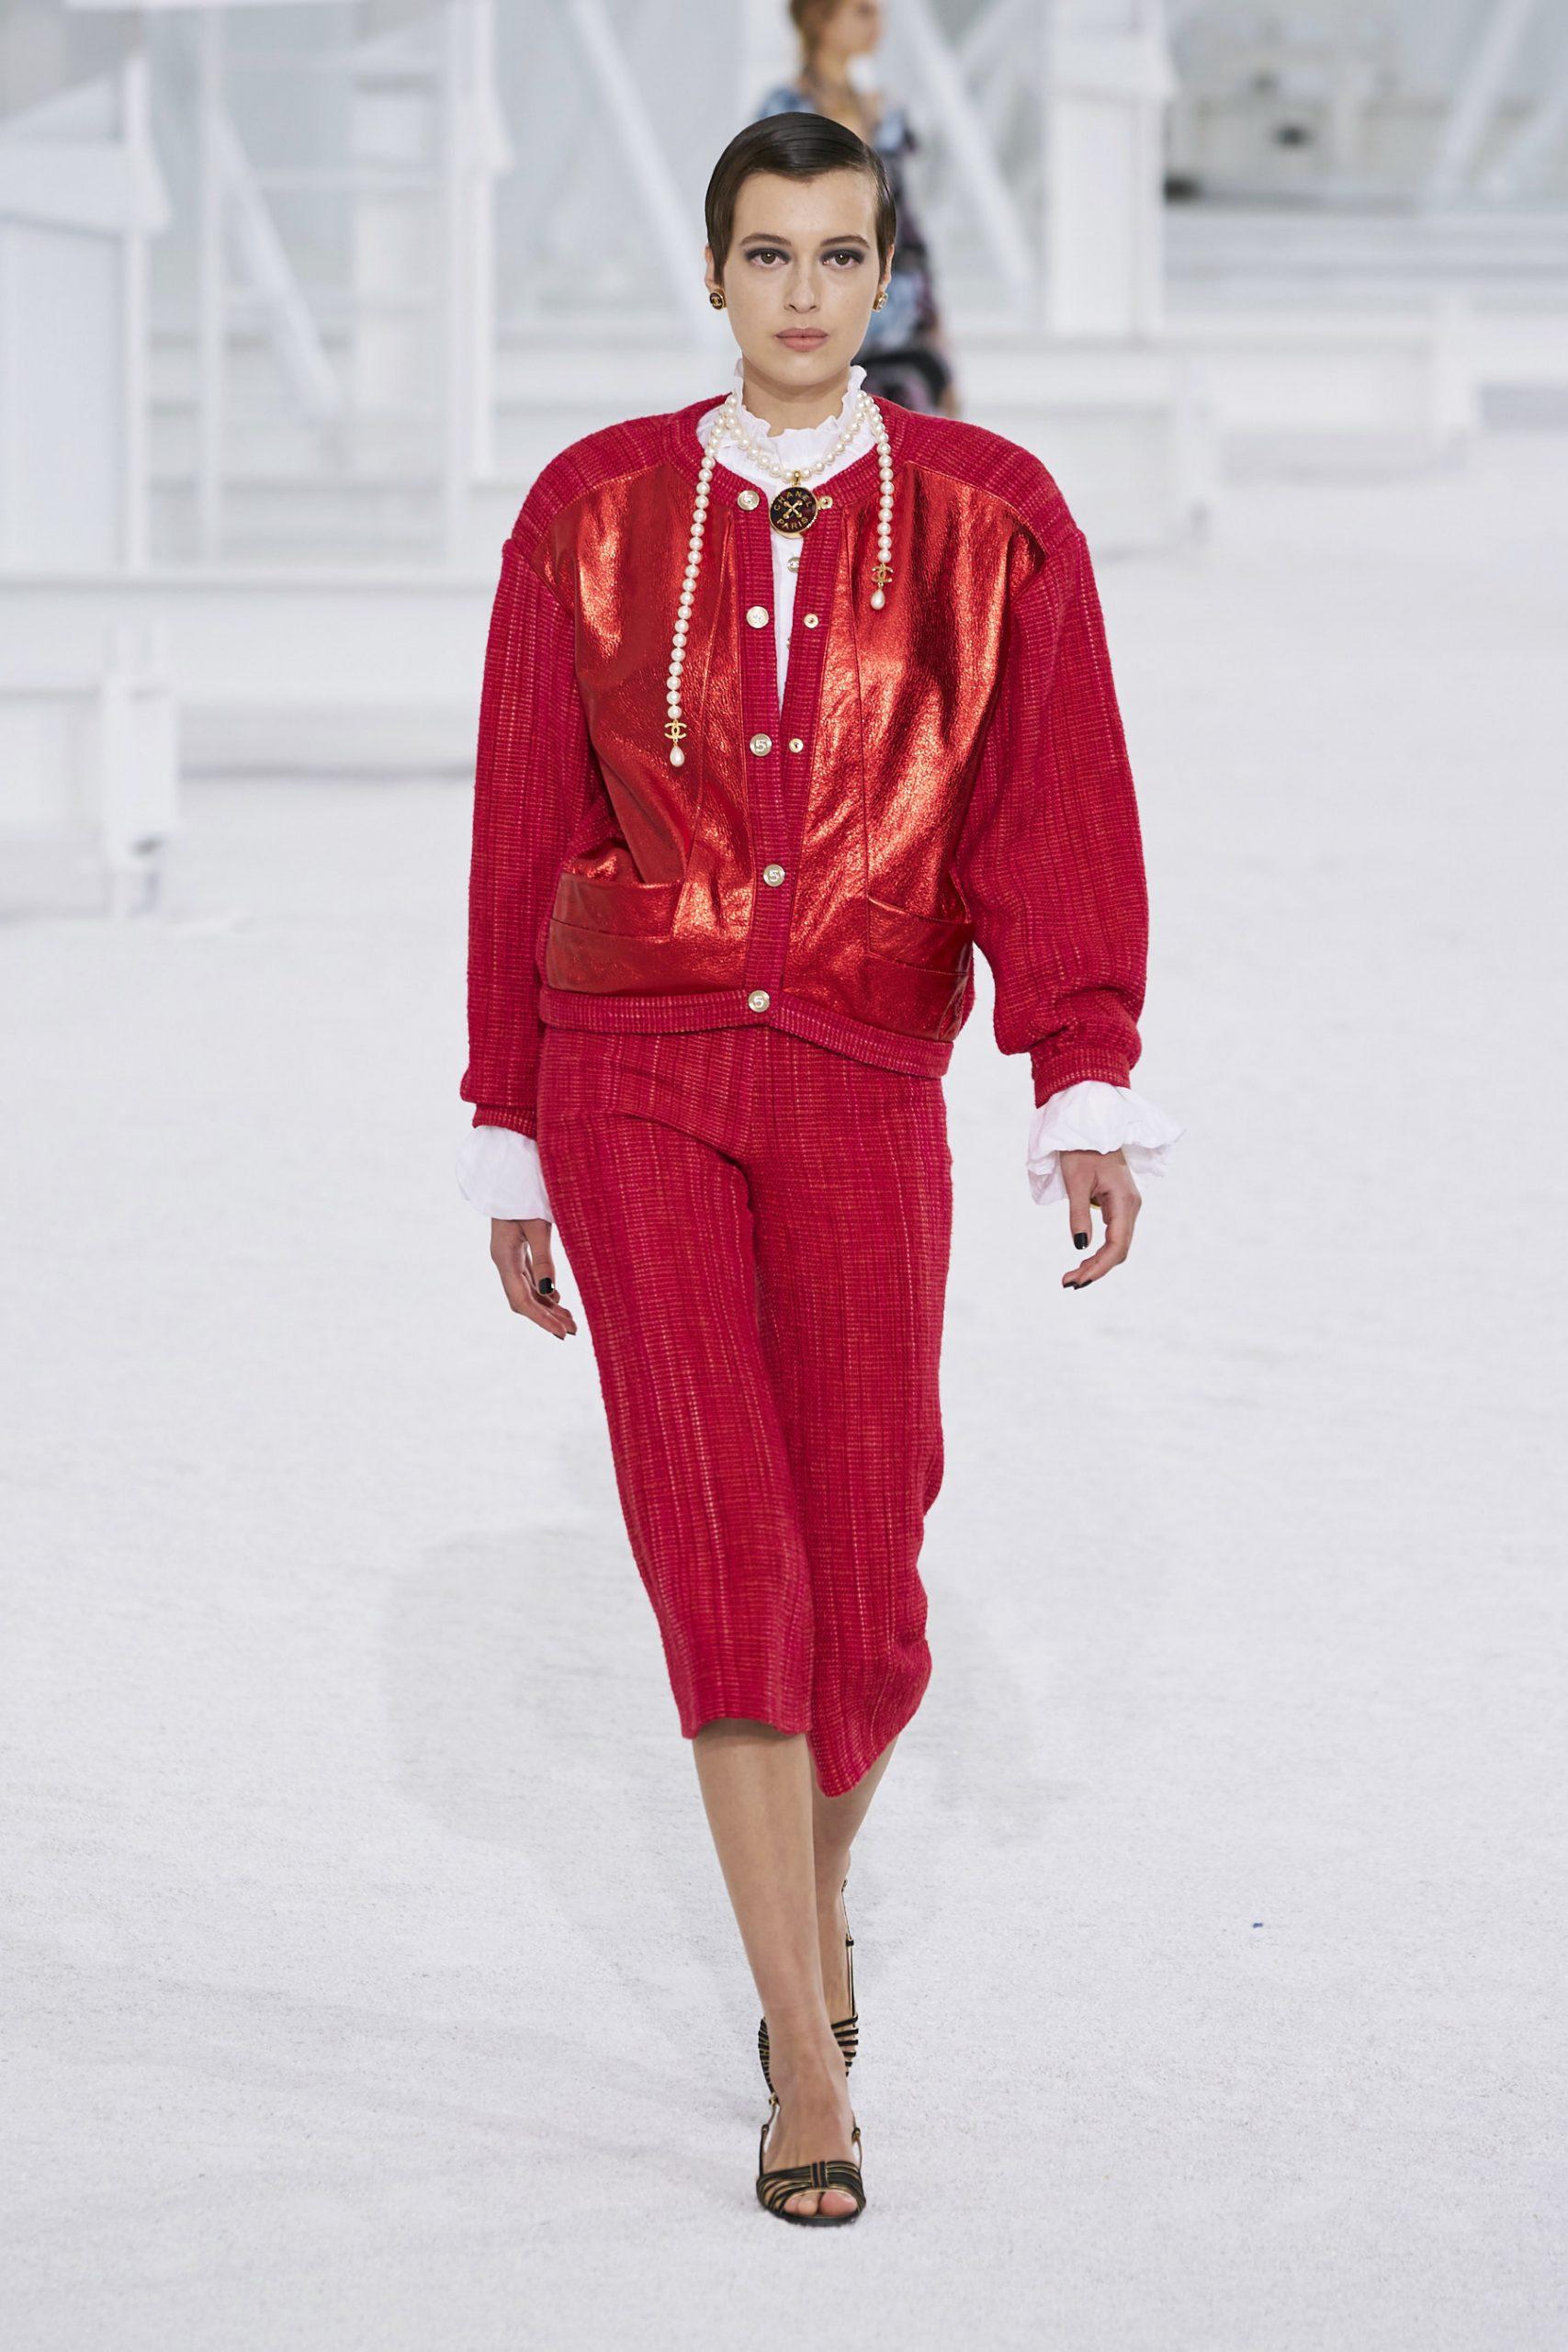 10. kép: Párizsi Divathét - Chanel - 2021 tavasz-nyár - ready to wear